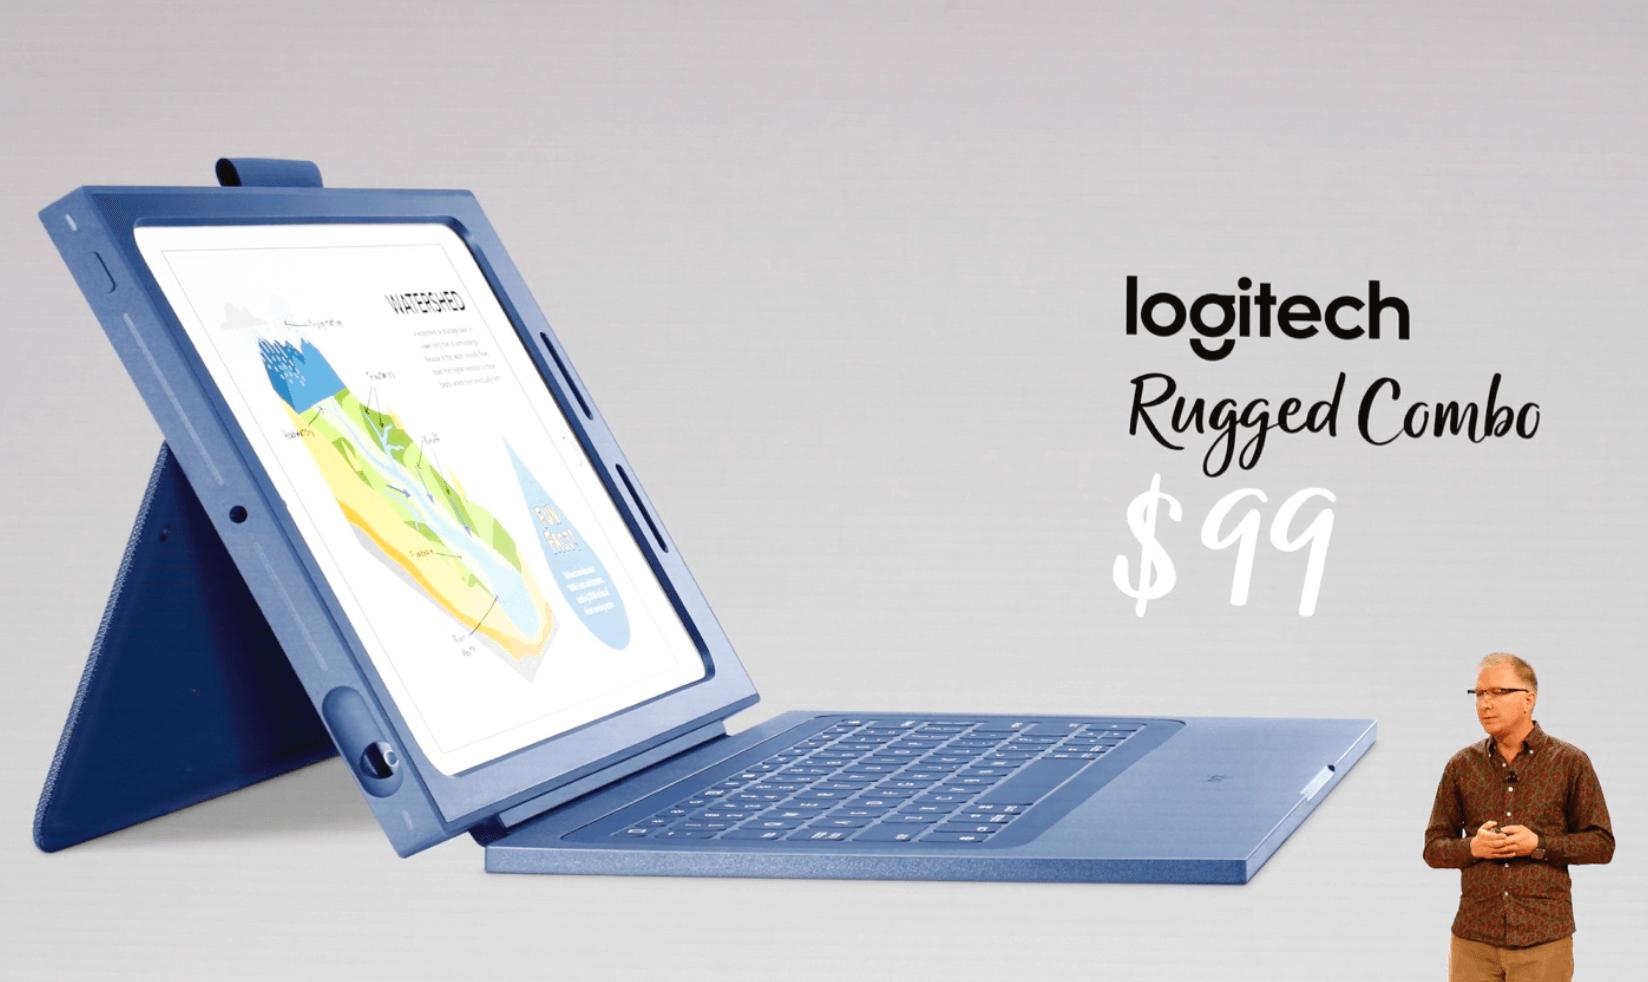 新しいiPad専用の新しいキーボードケースLogitech Rugged Comboの画像